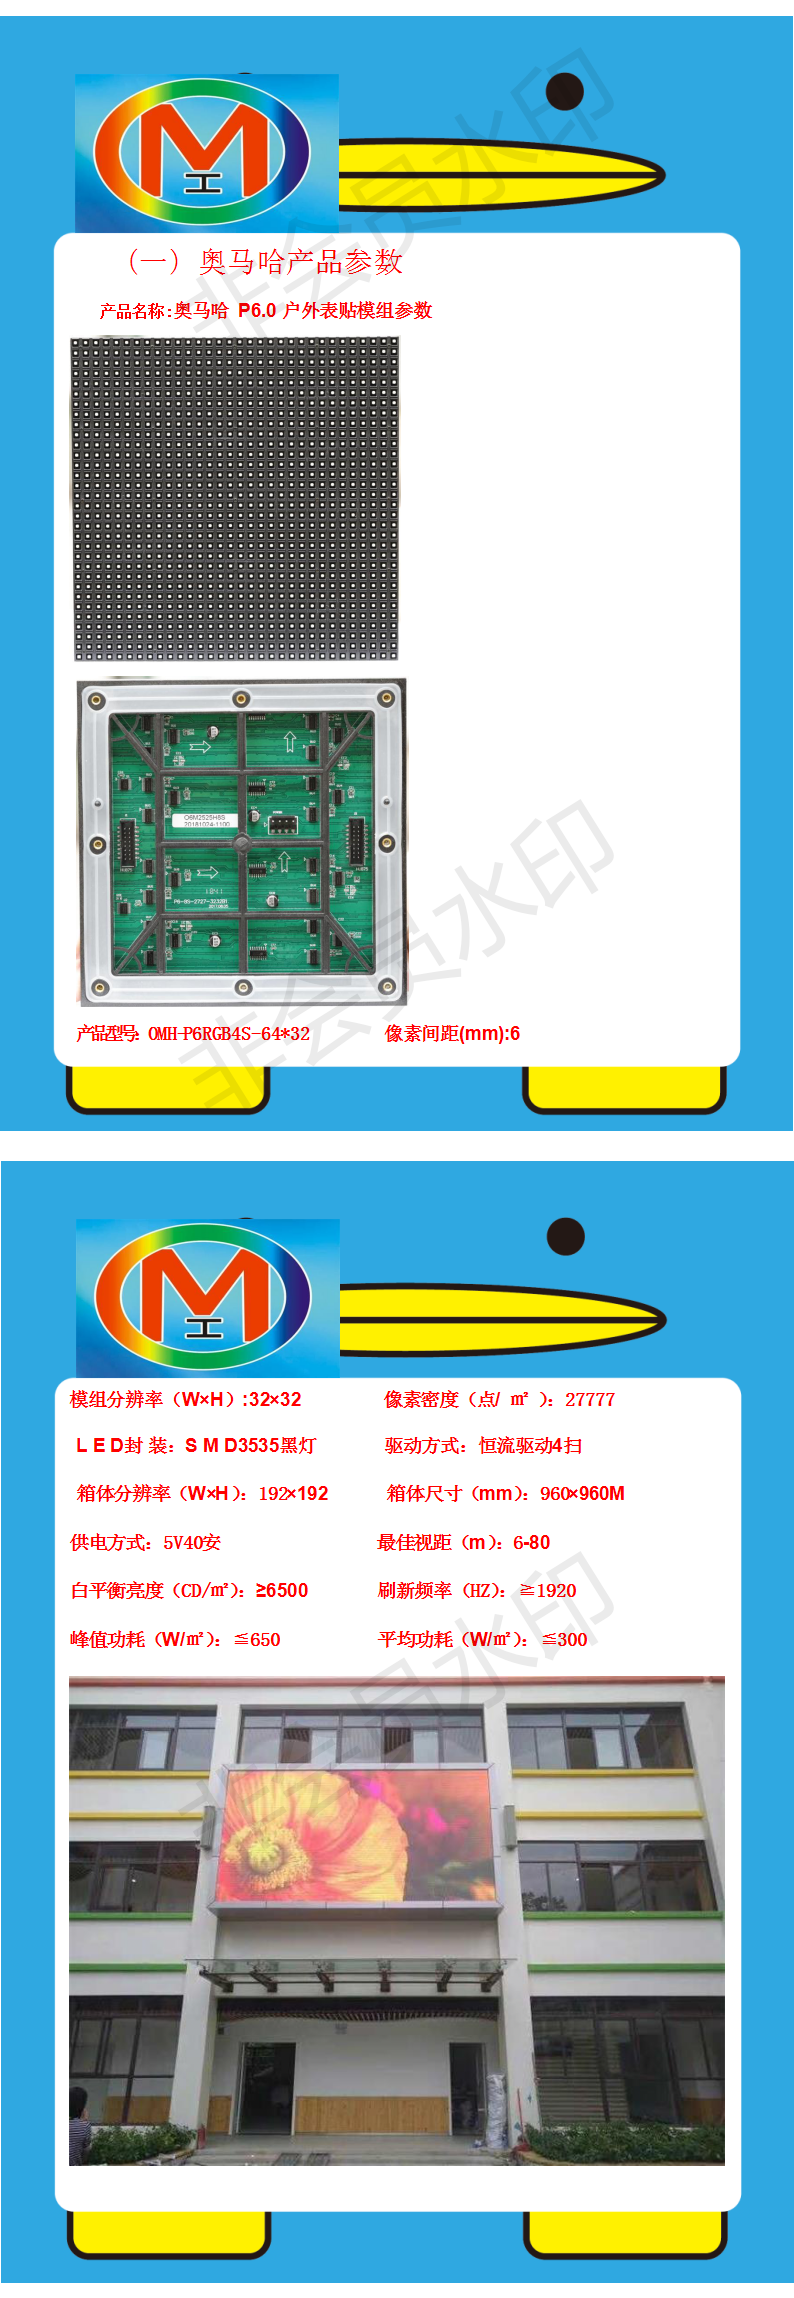 昆明市二环路LED交通诱导屏专用P6户外表贴全彩(奥马哈)